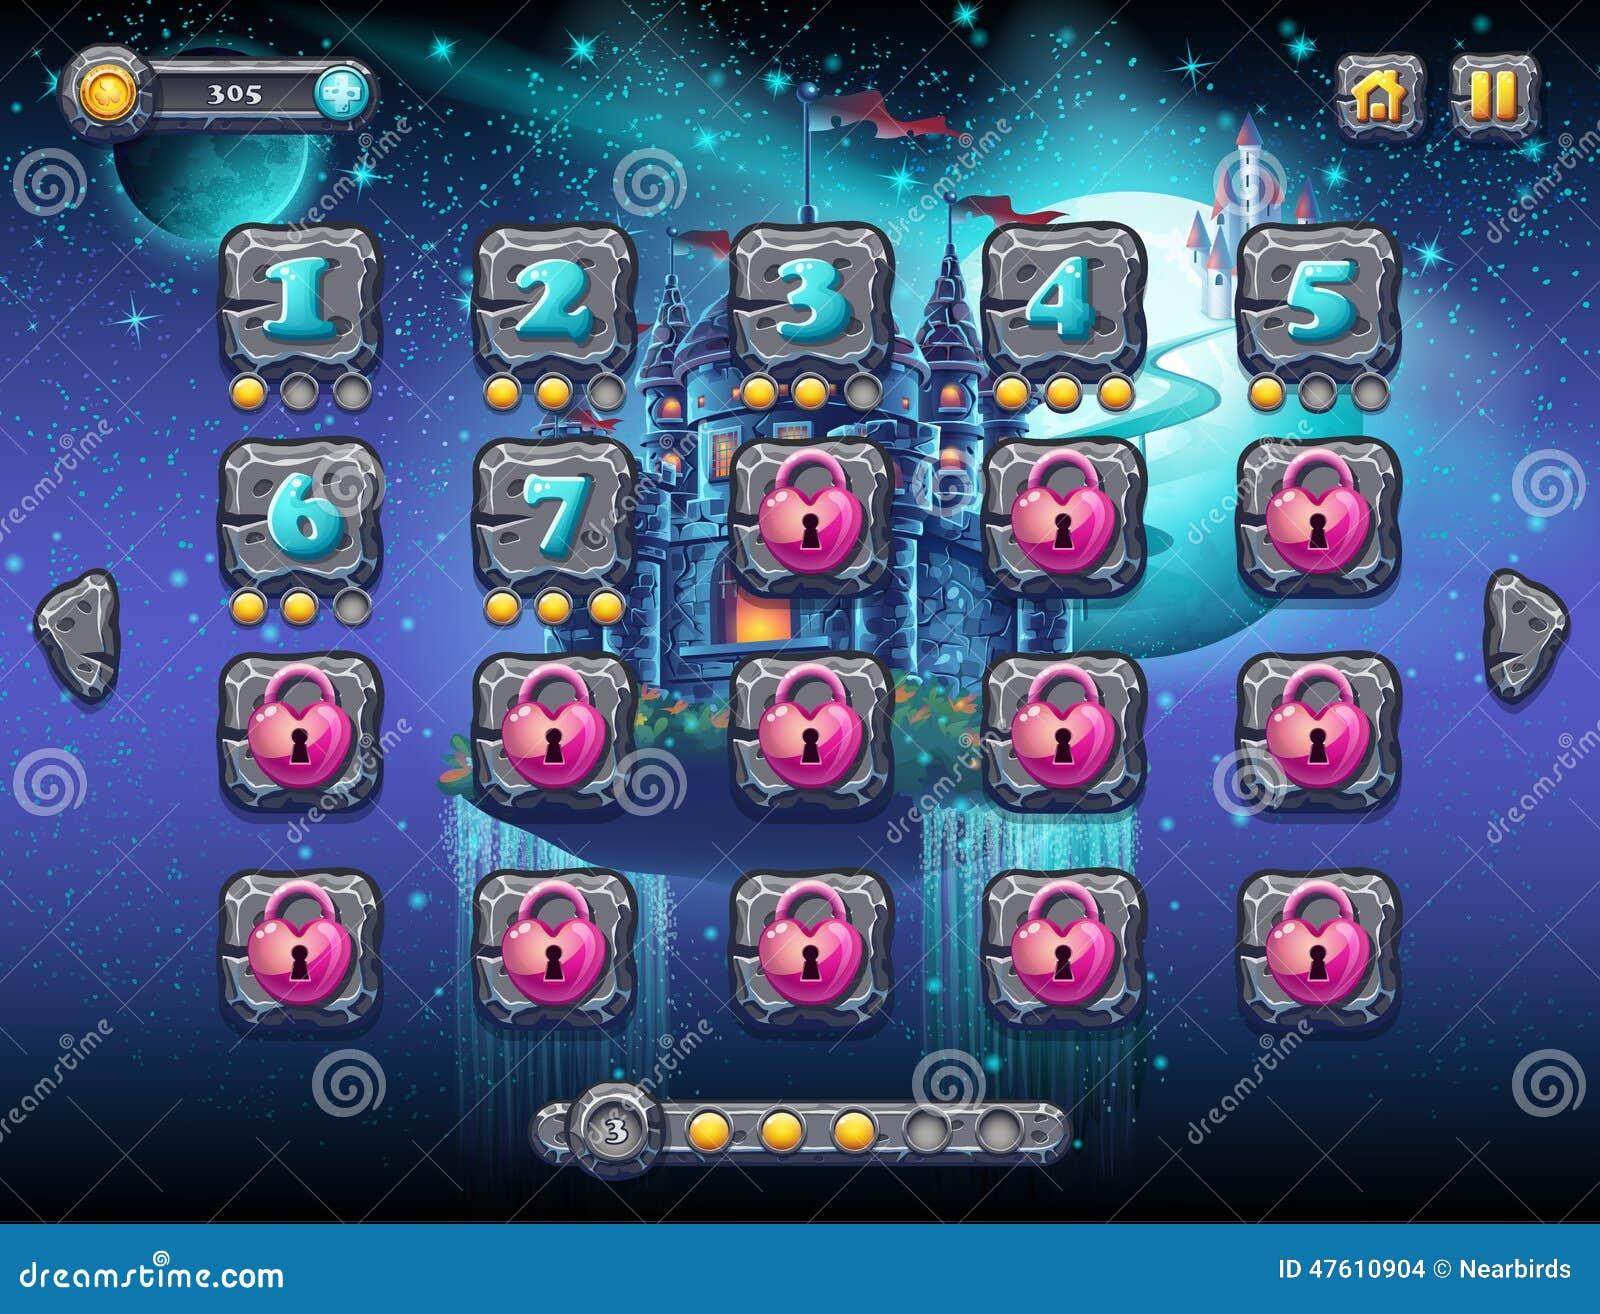 Espacio fabuloso con los planetas alegres con los niveles de la pantalla del ejemplo, el interfaz del ejemplo del juego con una b